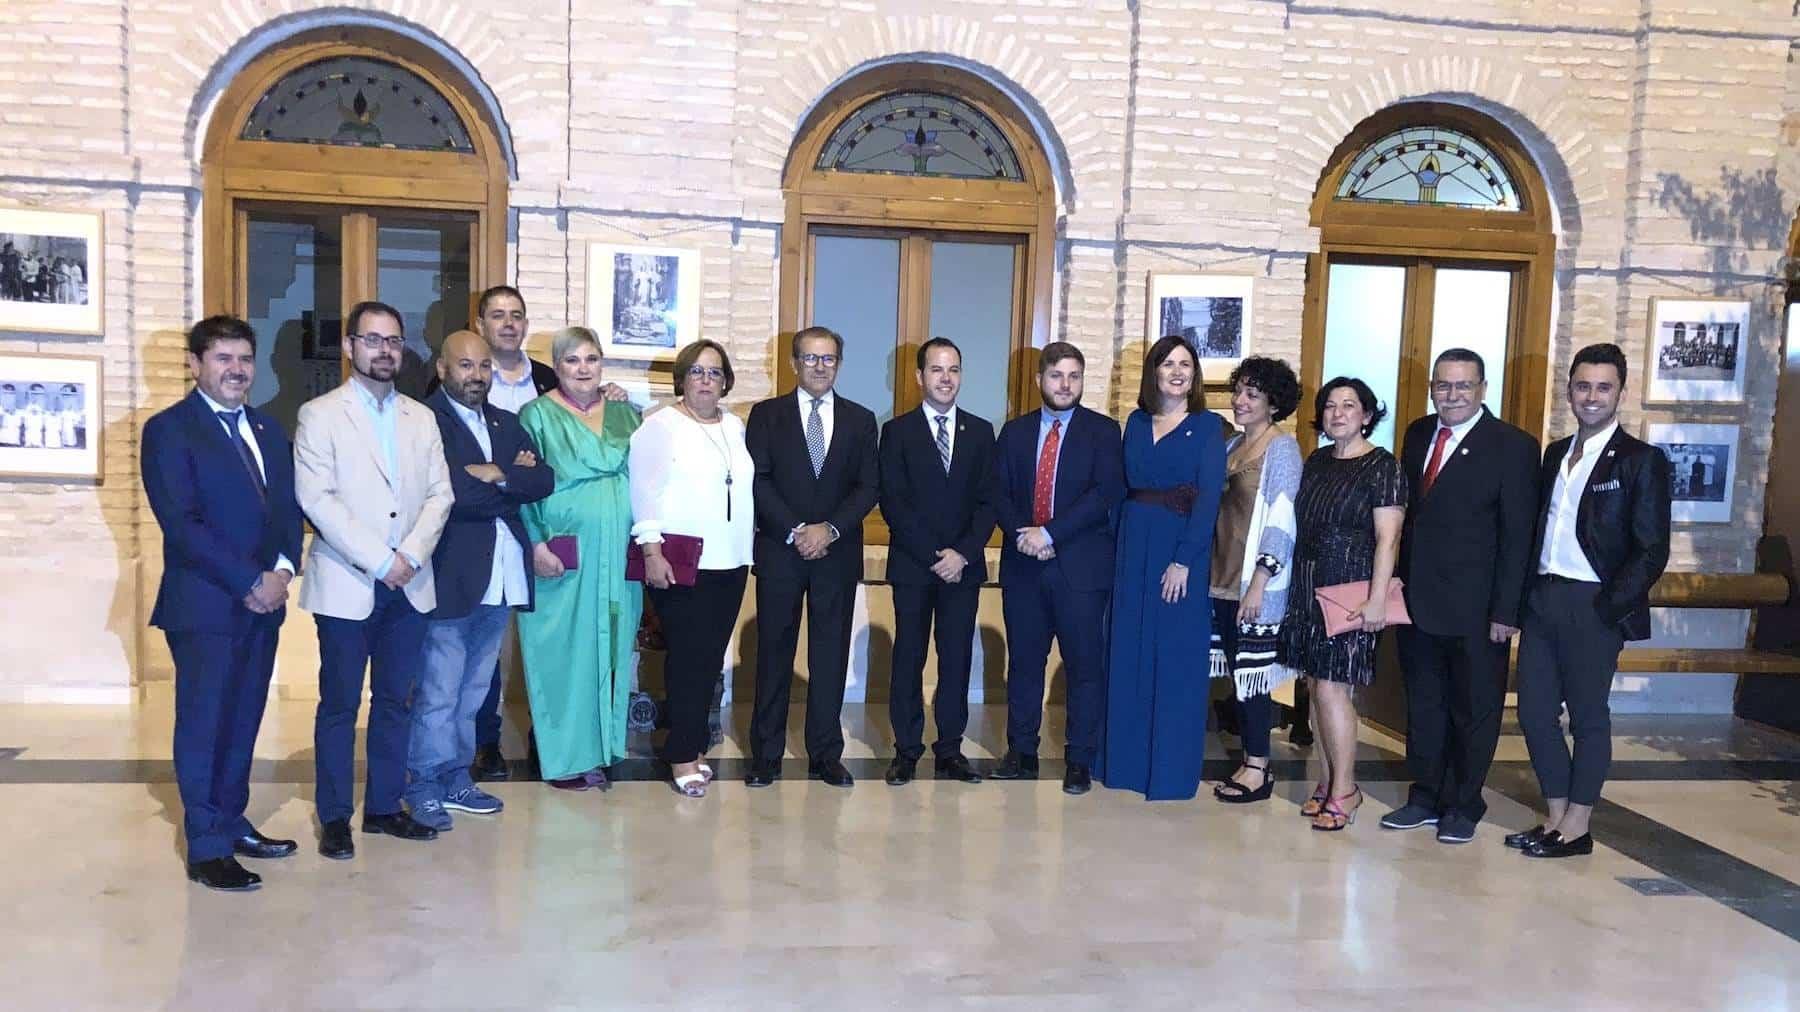 Hernando en feria de Herencia - El Gobierno regional asistió a la inauguración de la feria y fiestas de La Merced de Herencia